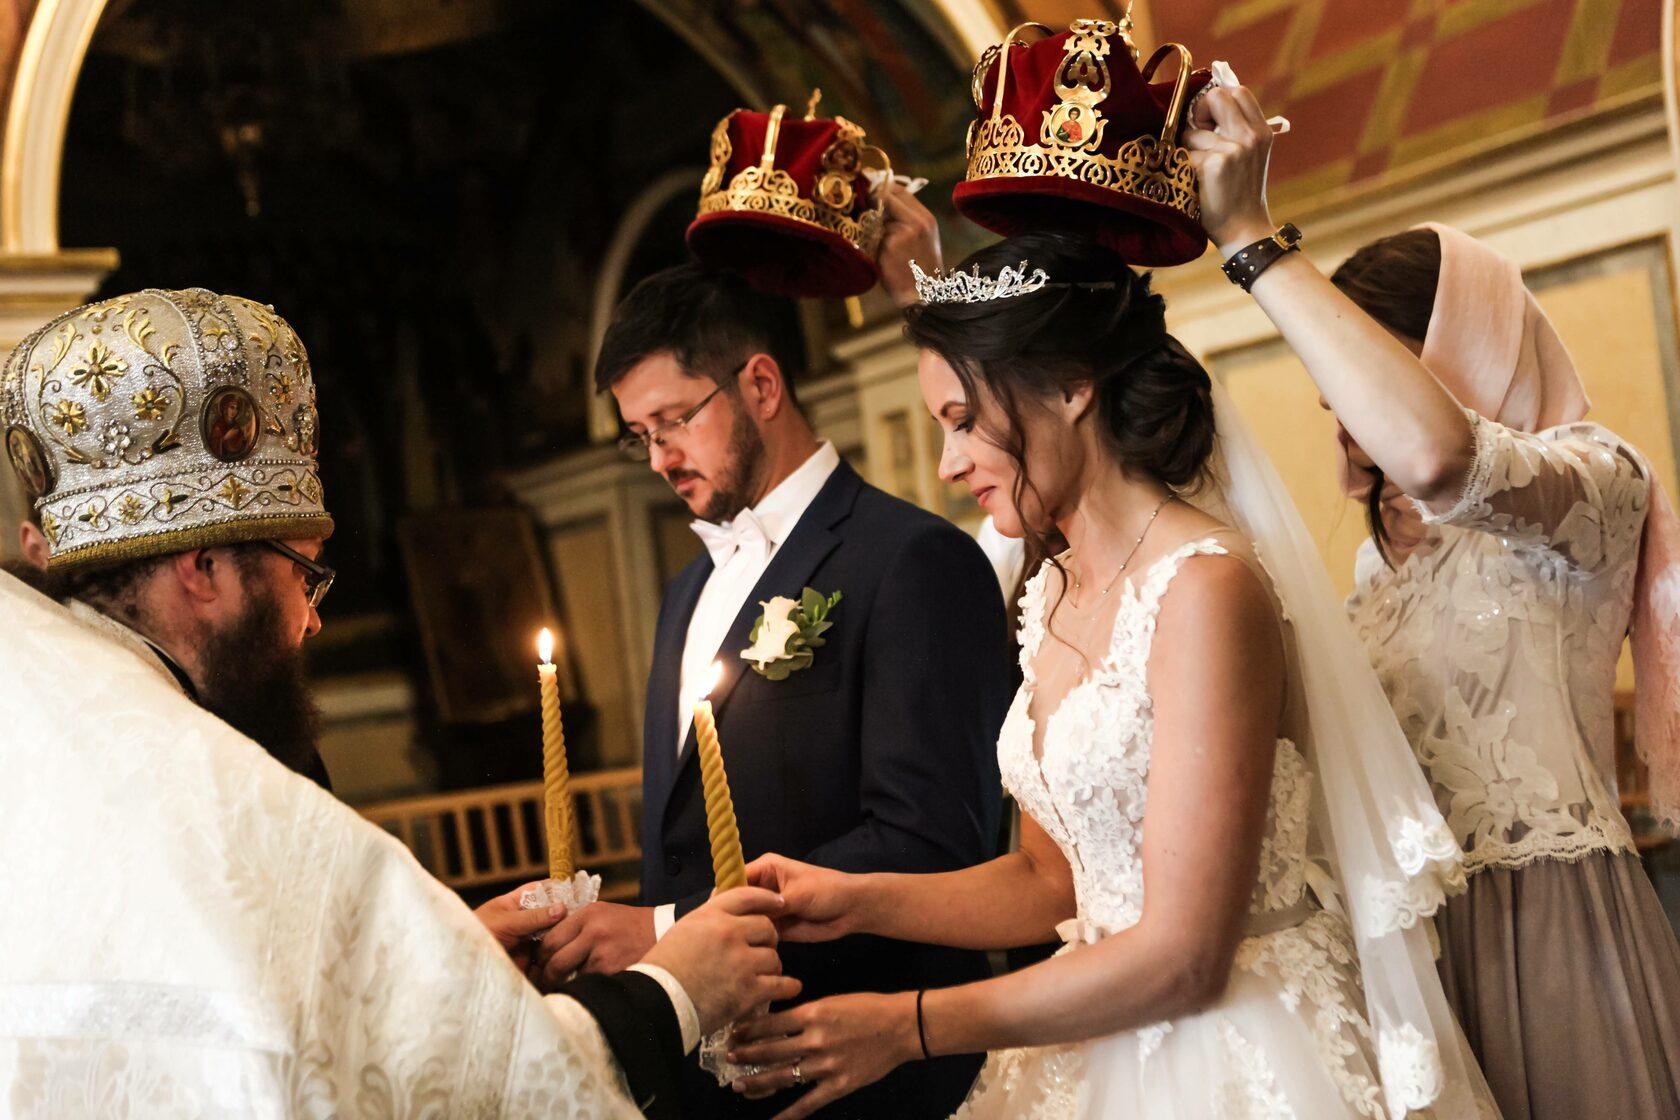 фотограф перед свадьбой киев